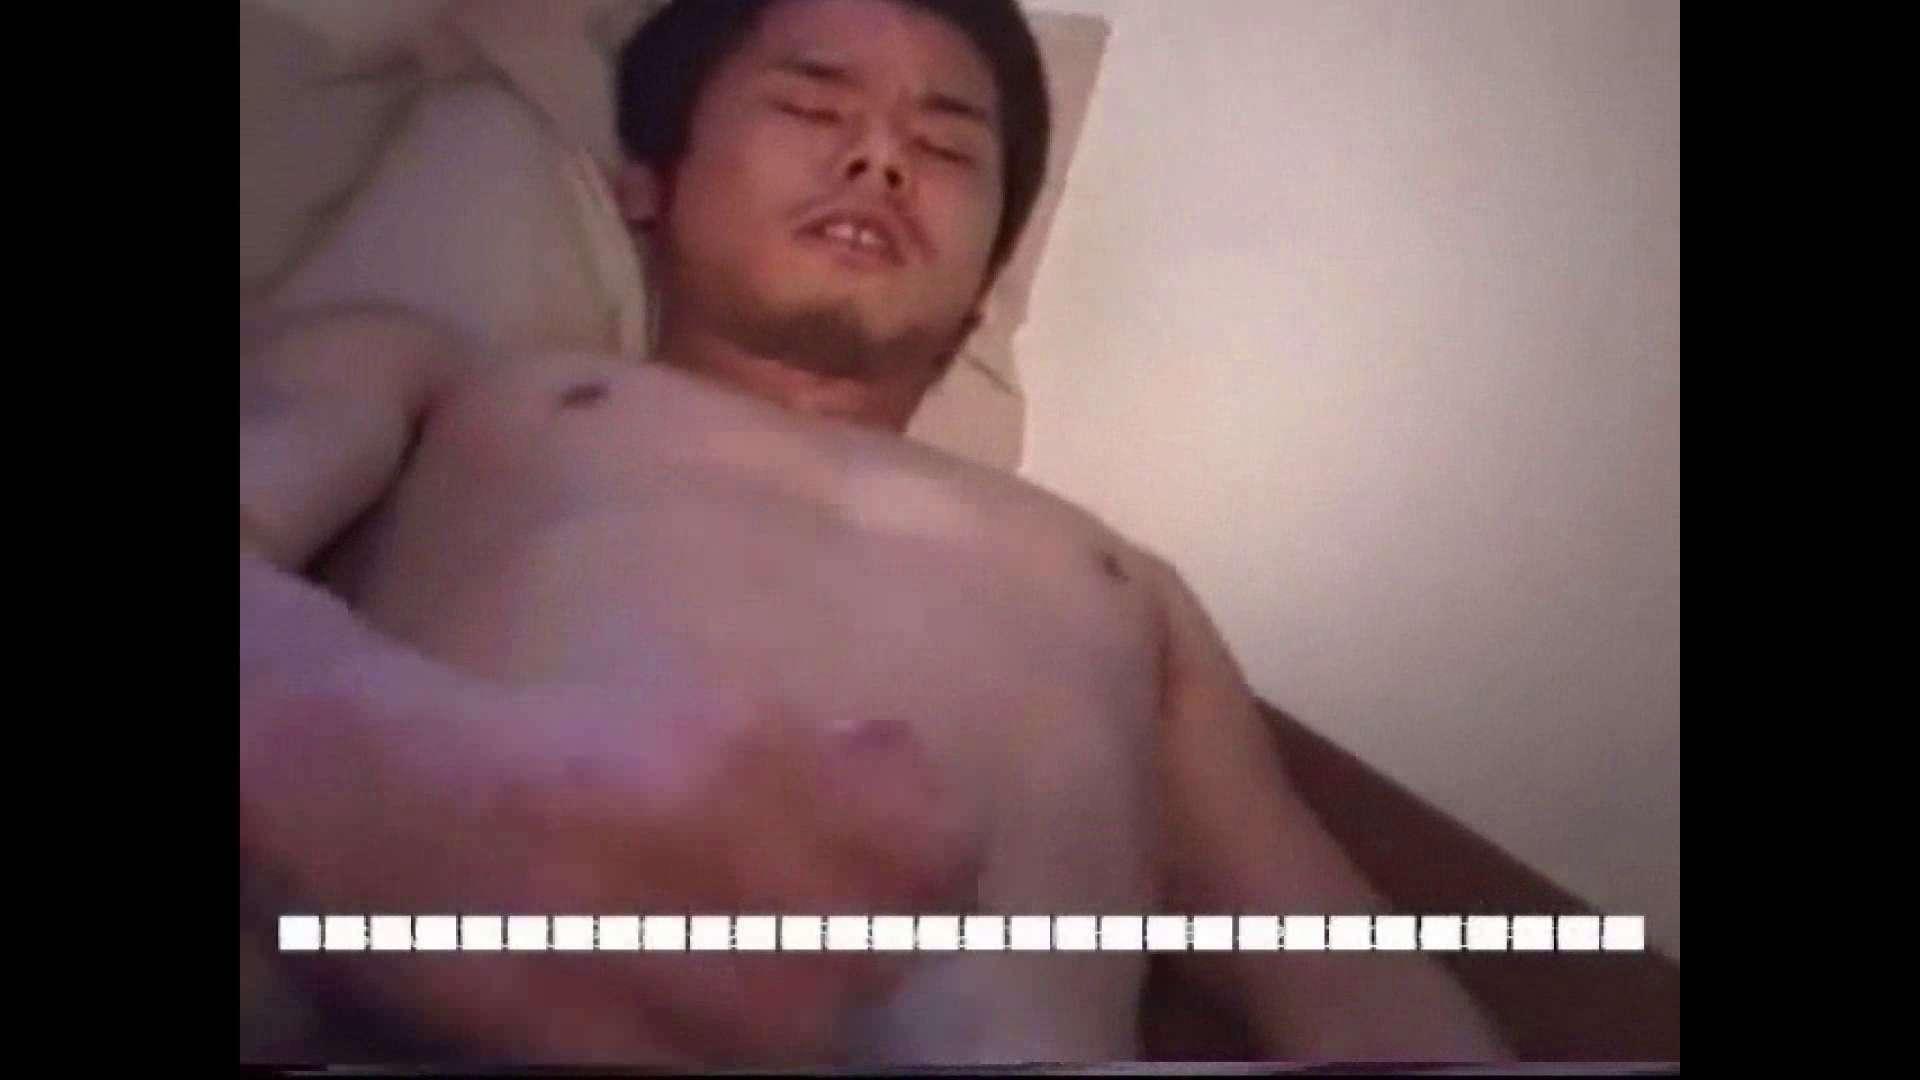 オナれ!集まれ!イケてるメンズ達!!File.40 名作・話題作 ゲイエロ動画 77連発 45